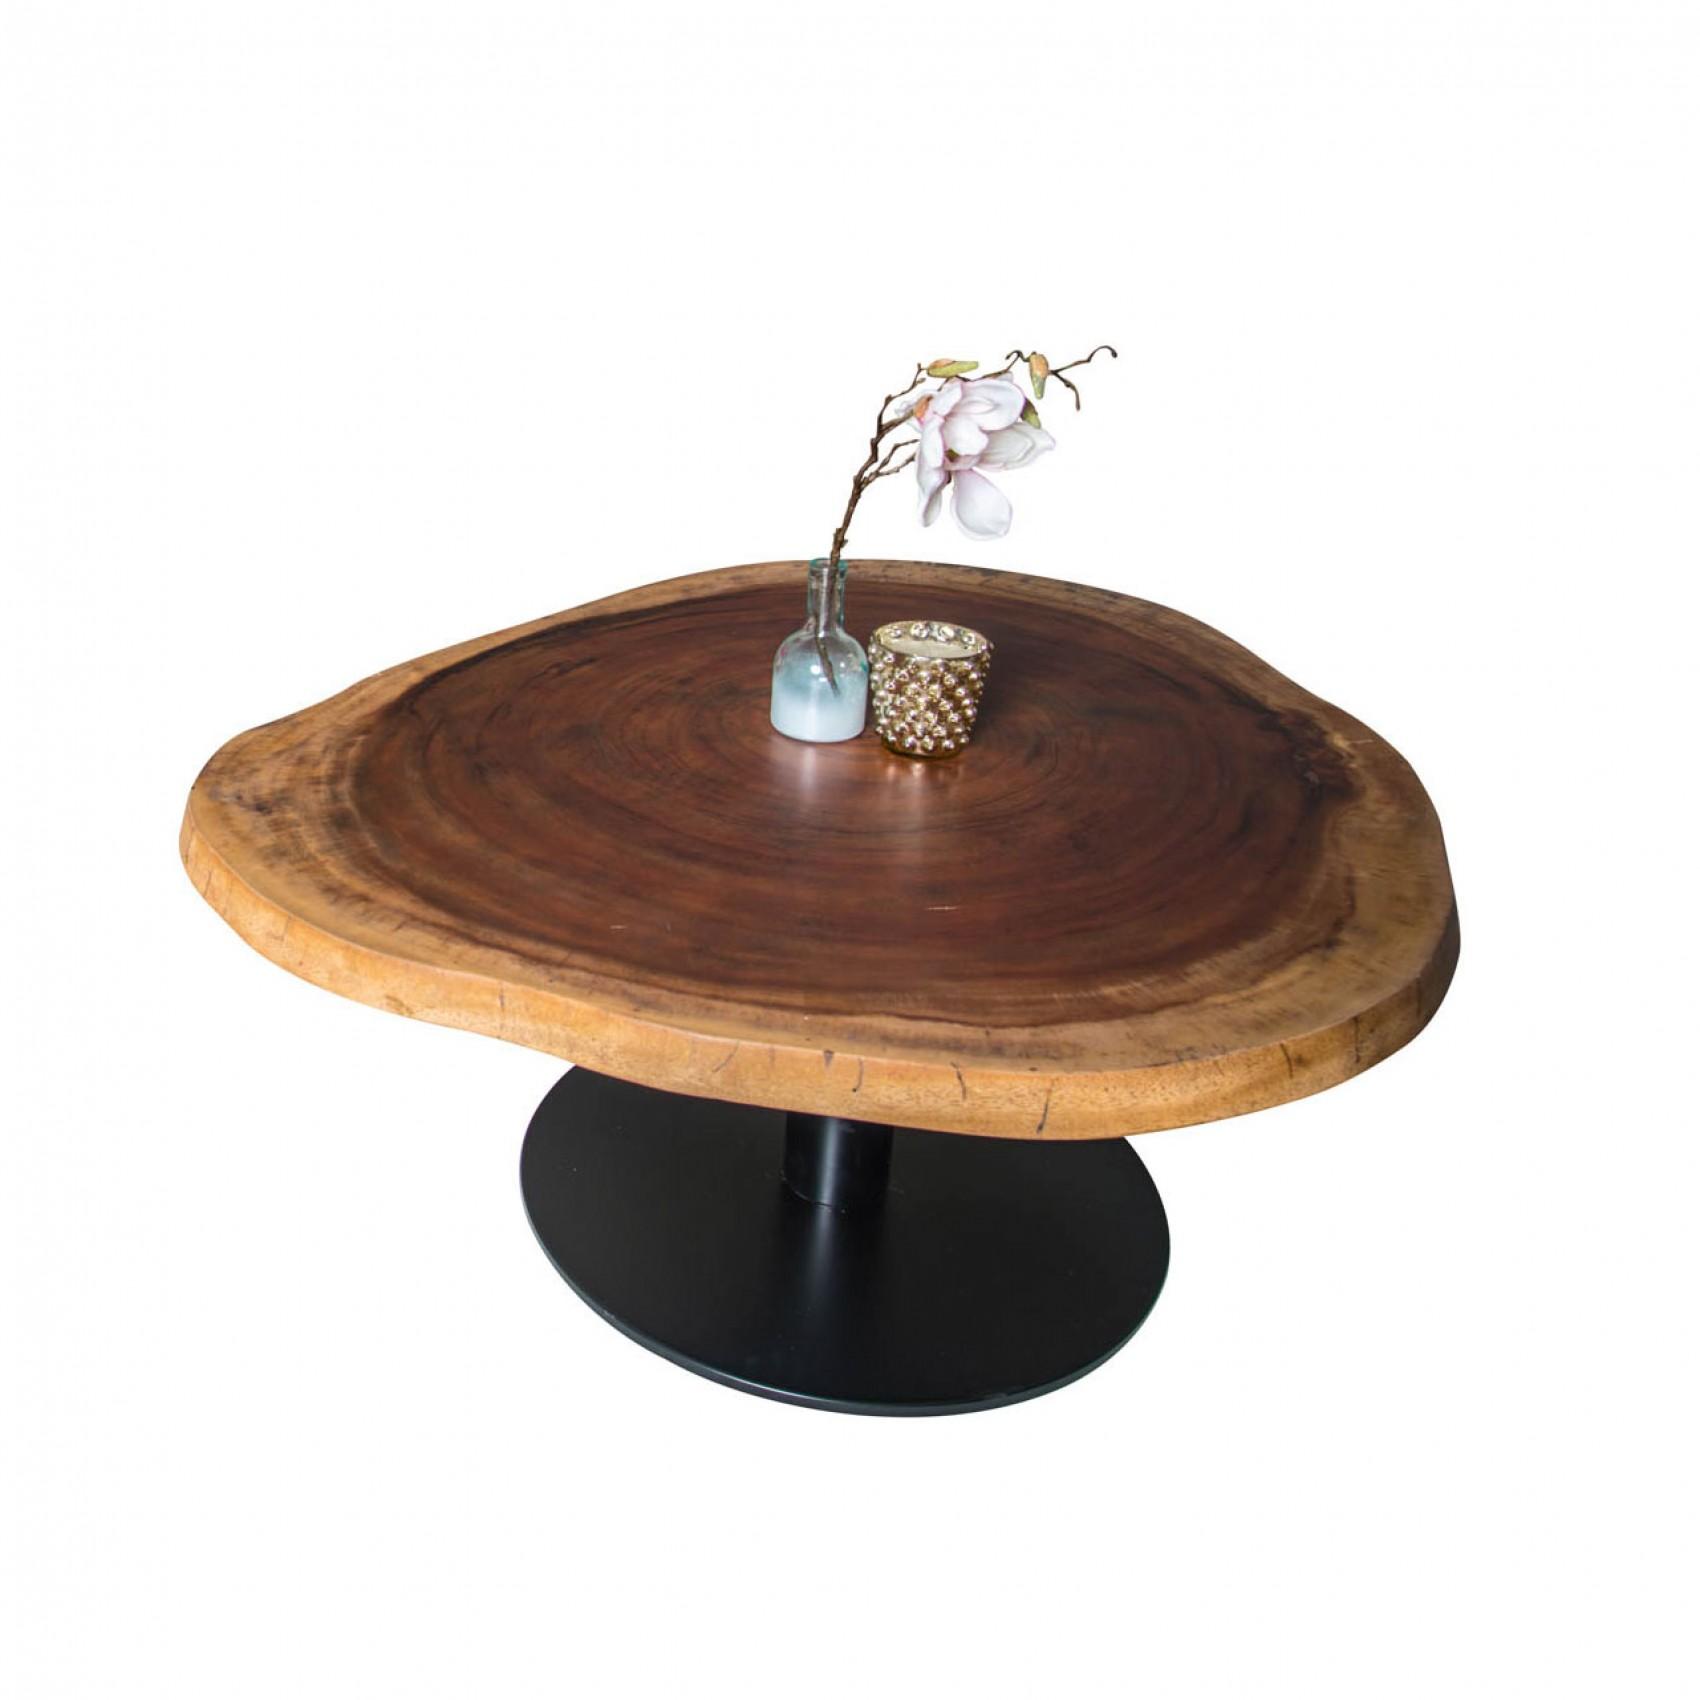 Full Size of Runder Esstisch Akazie Auch Als Couchtisch Oder Stehtisch Mglich Landhaus Und Stühle Eiche Ausziehbar Industrial Oval Moderne Esstische Shabby Chic Esstische Esstisch Akazie